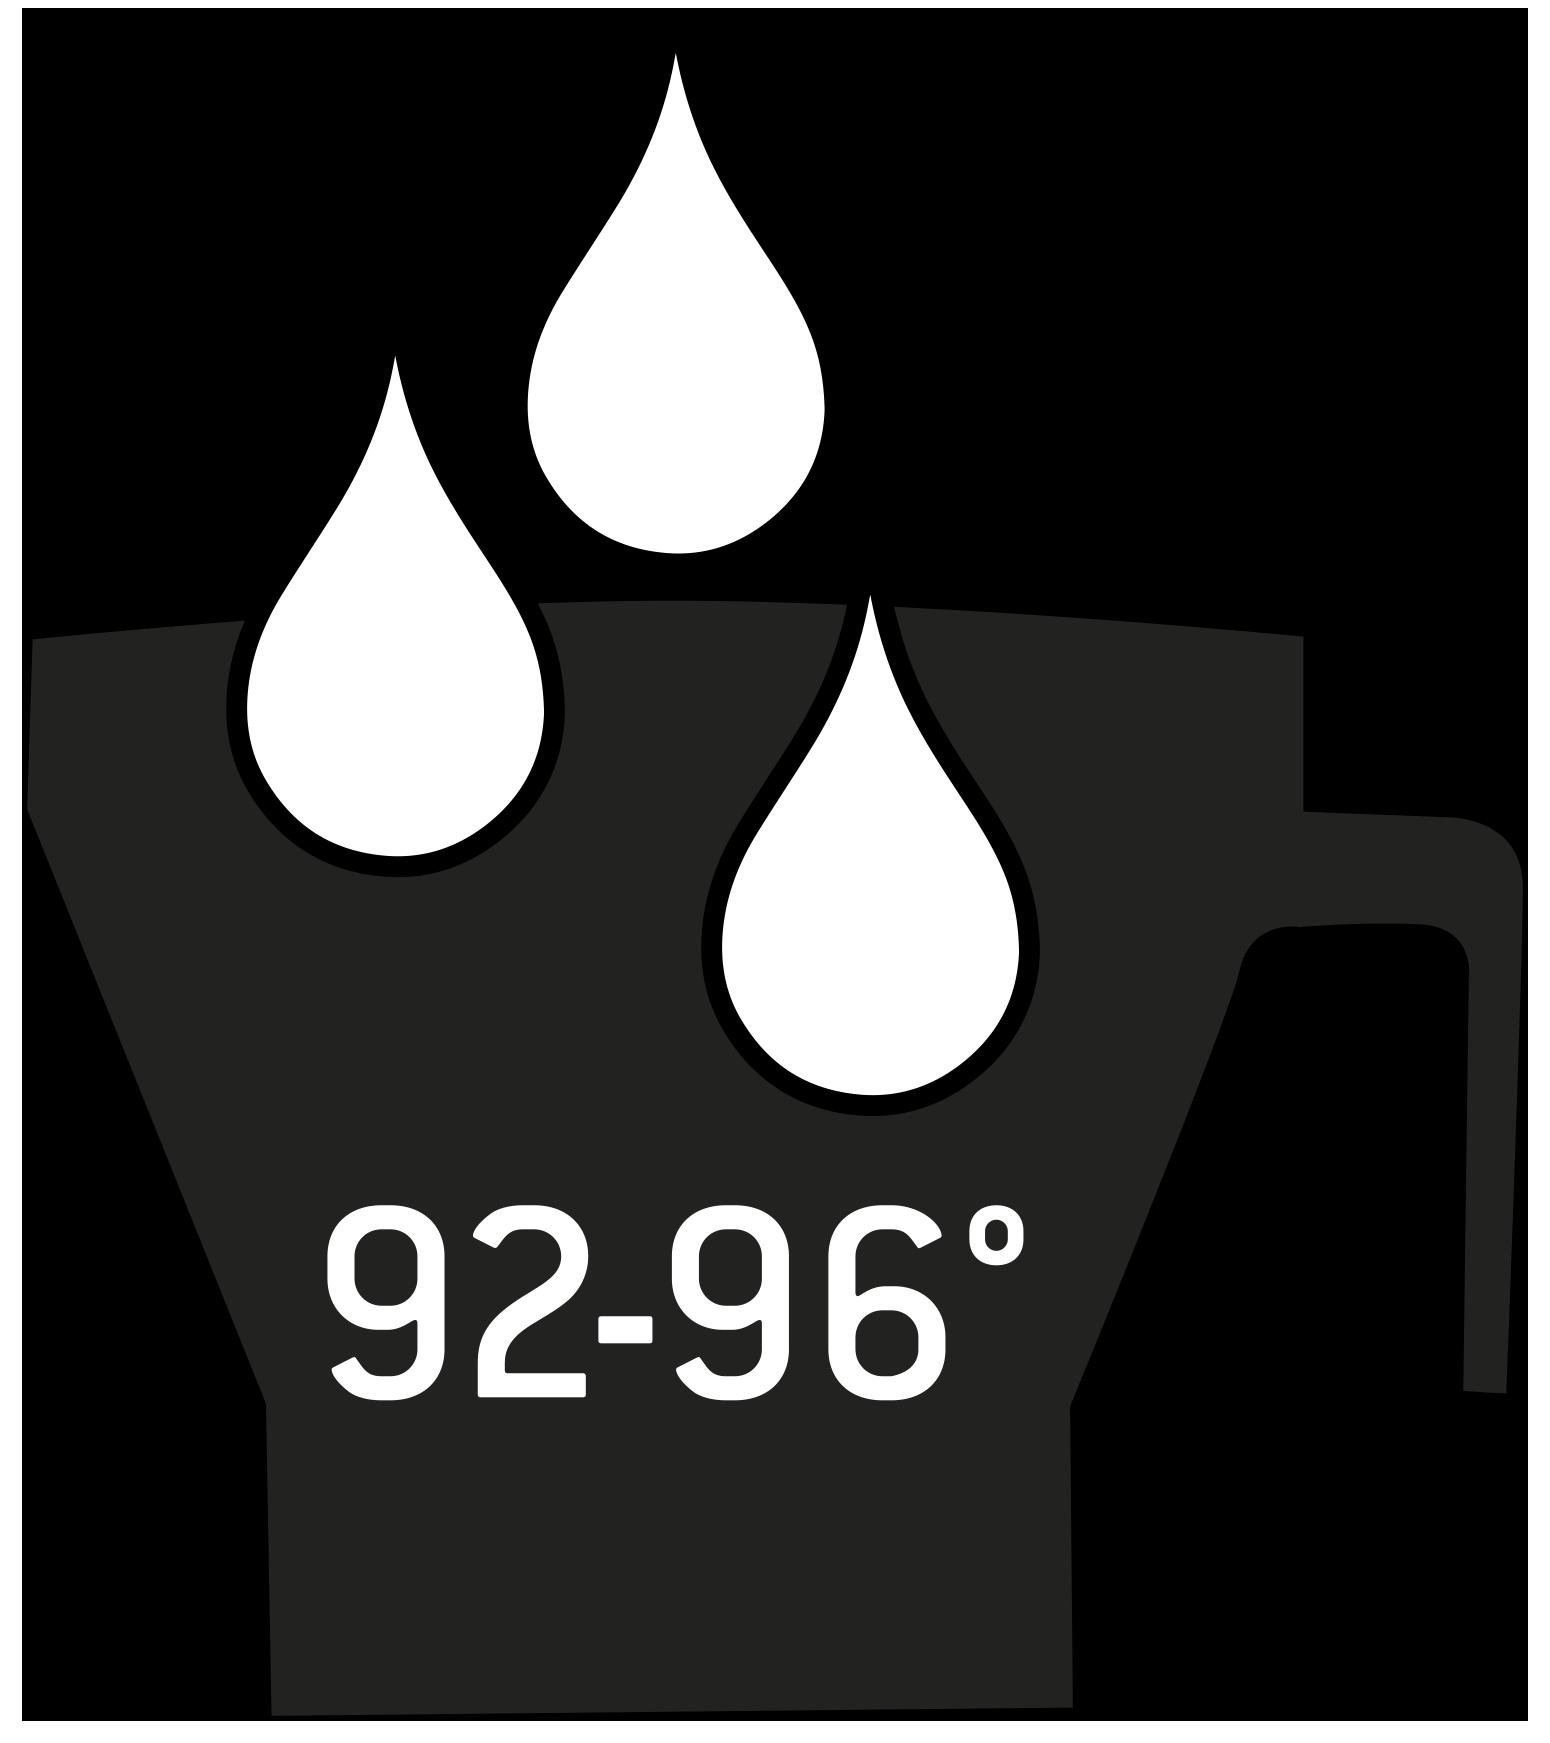 Perfekte Brühtemperatur 92-96 Grad Icon